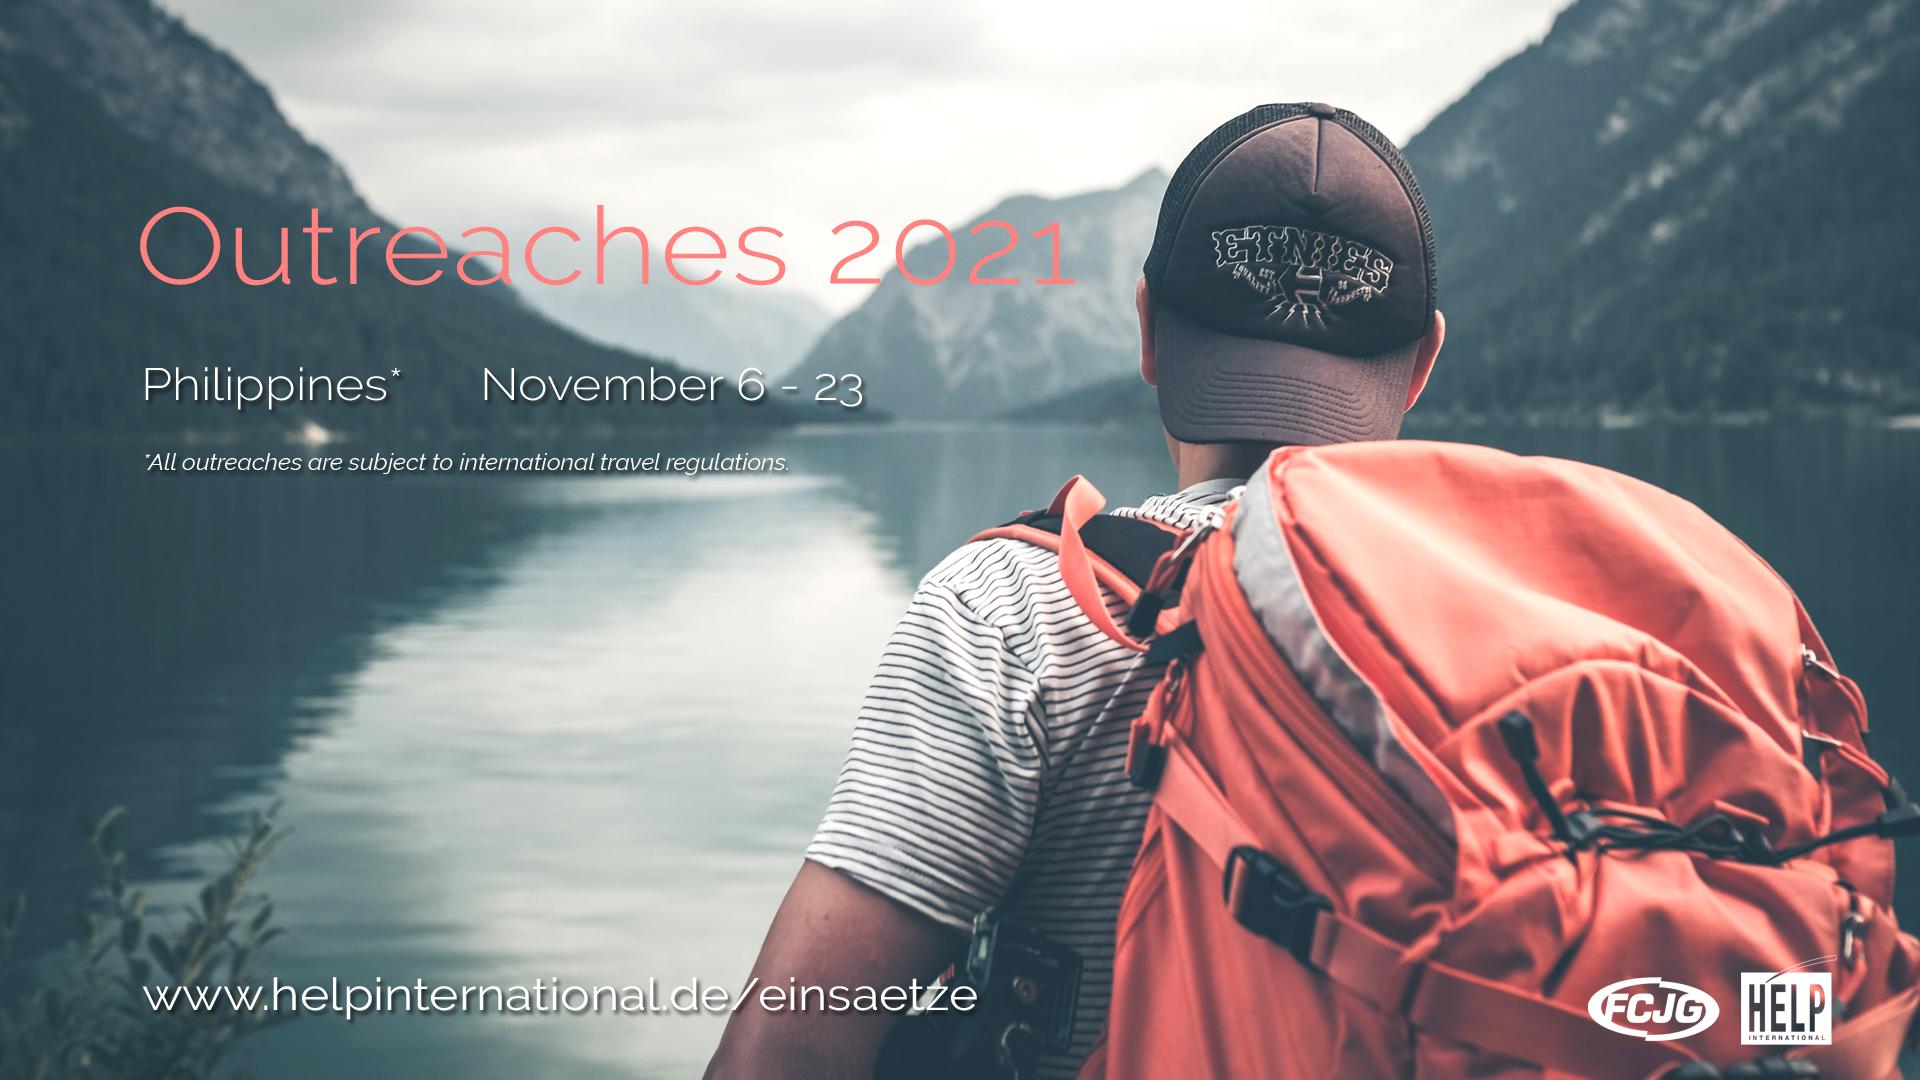 Outreaches_22021_03